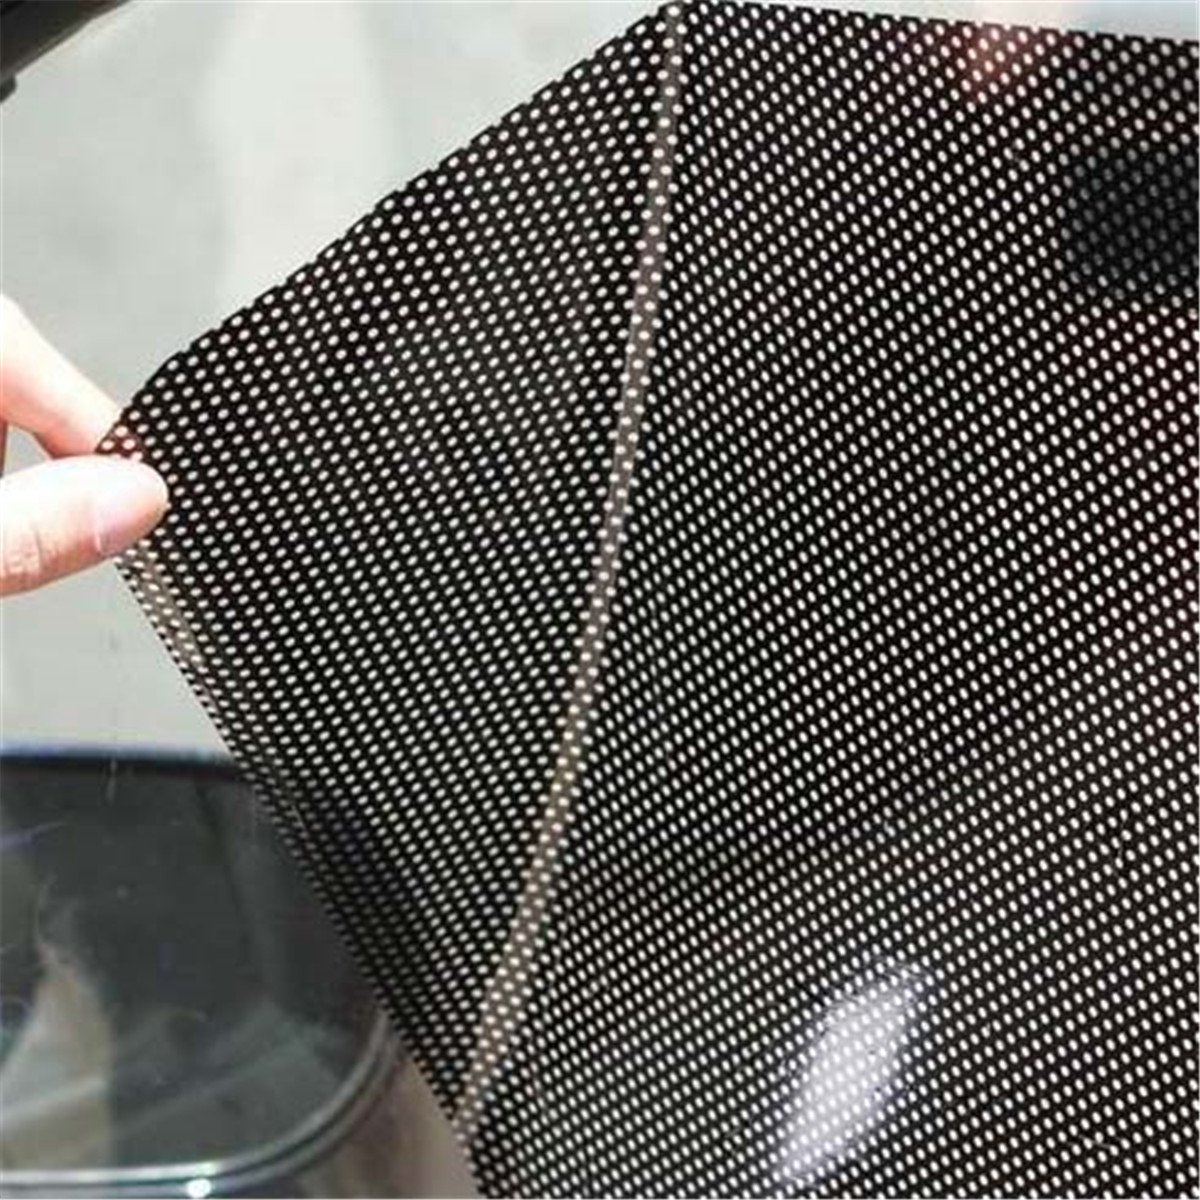 2 teile//los 63x42 cm Uv Aufkleber Auto Sonnenschirm Elektrostatische Aufkleber ECYC Auto Fenster Schatten Aufkleber f/ür Seiten und Heckscheibe